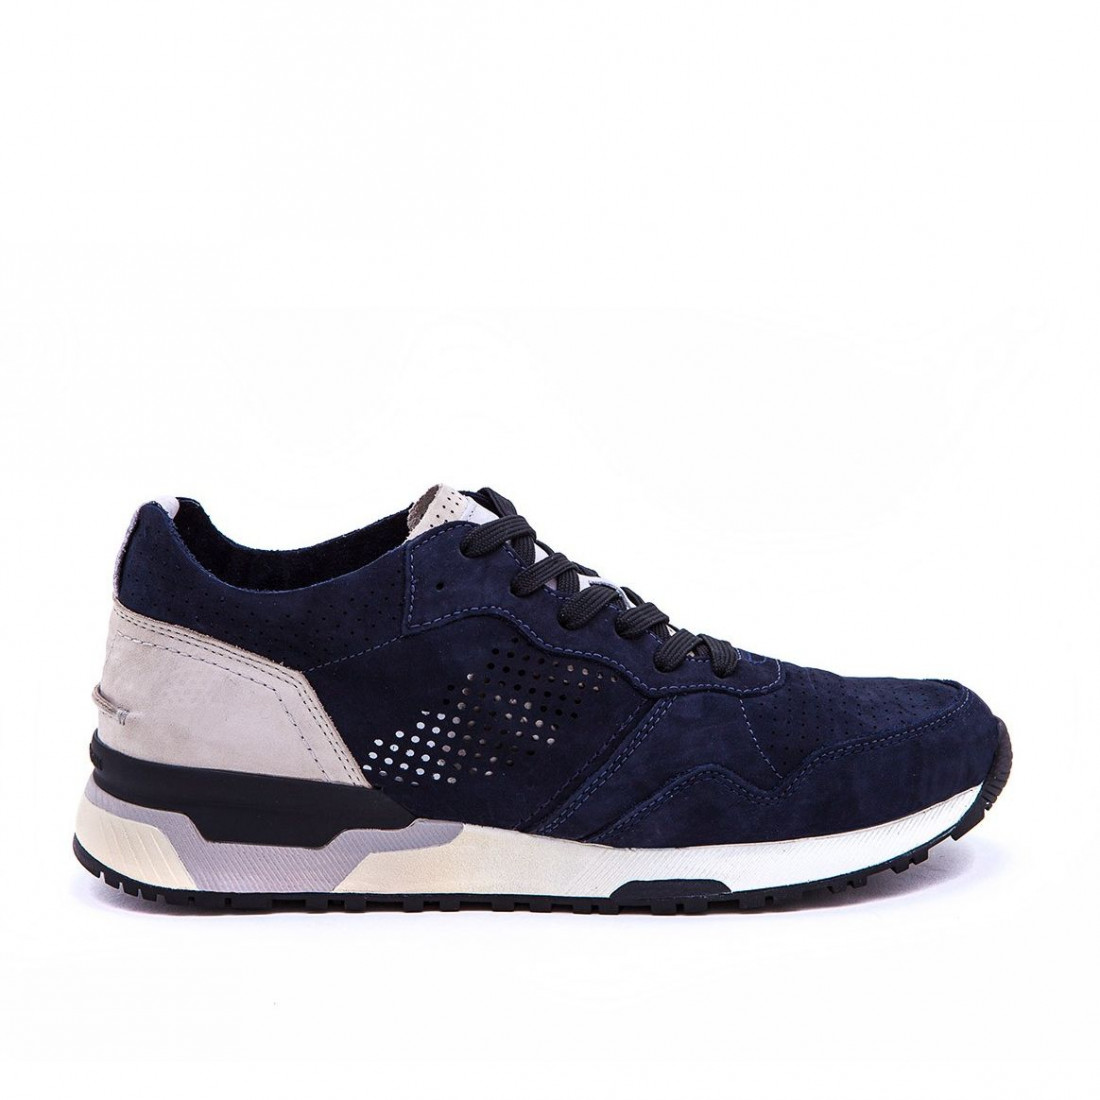 sneakers herren crime london 11422640 3244